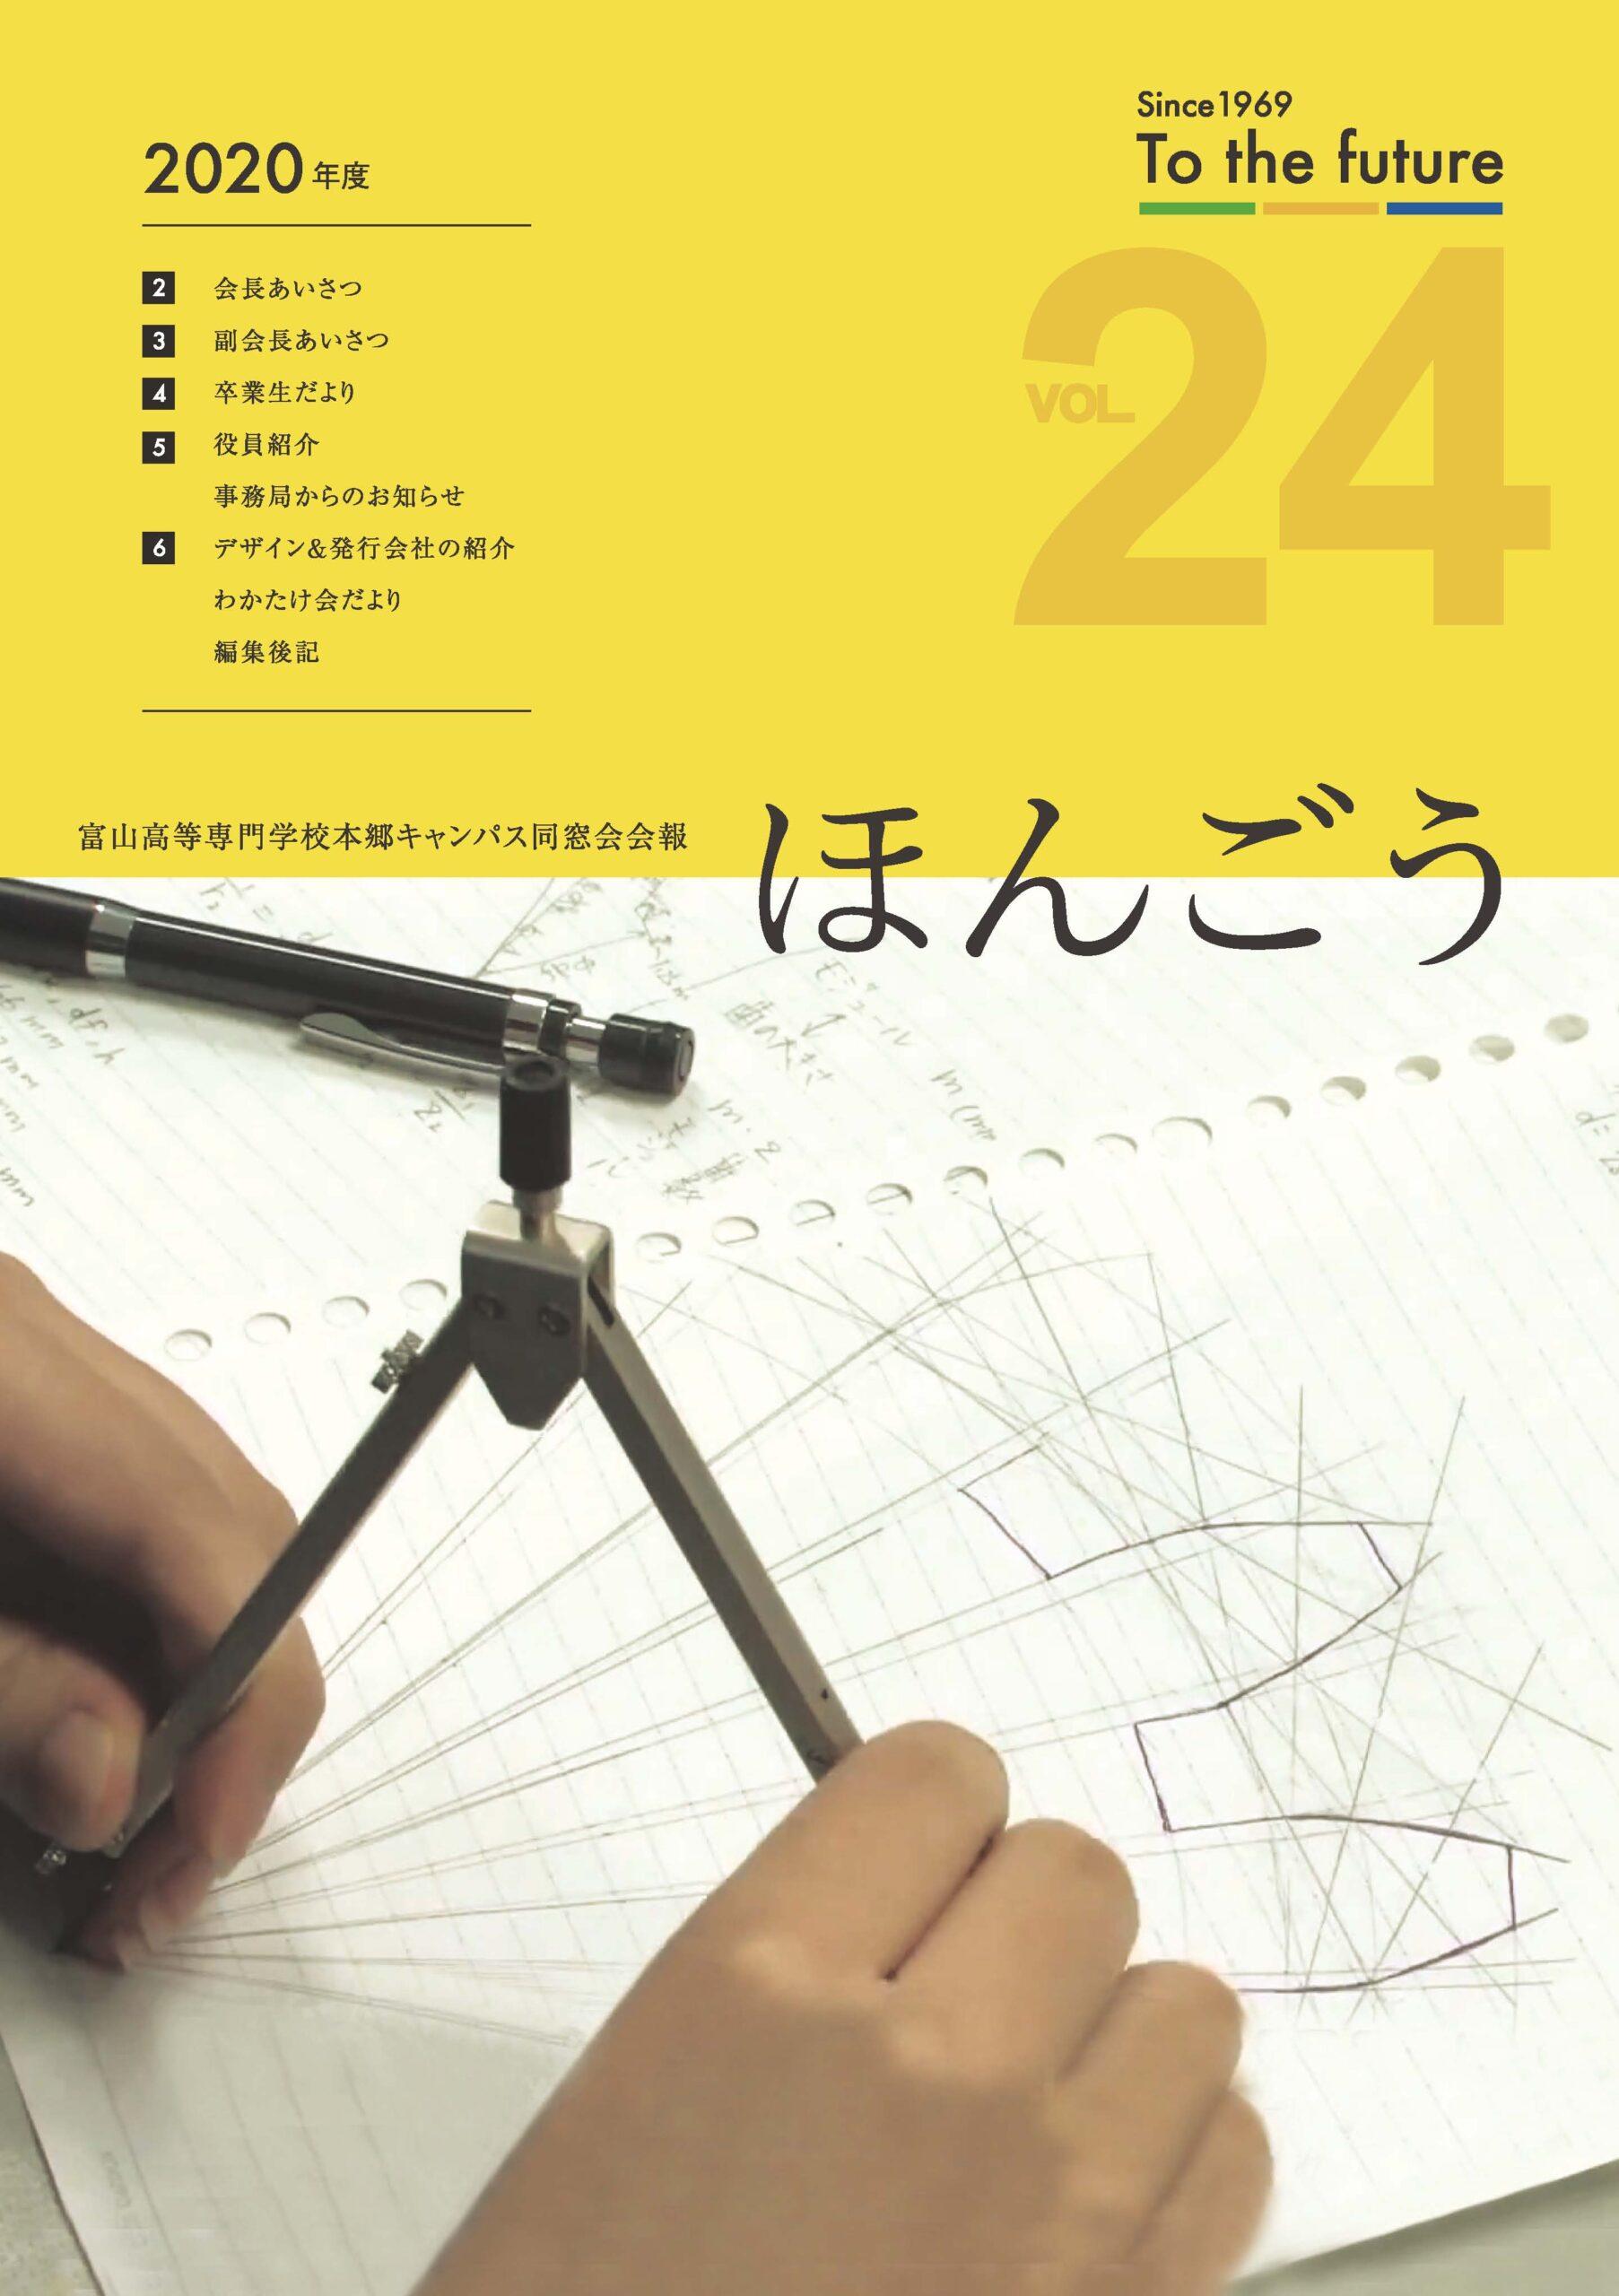 同窓会会報誌「ほんごう」24号の表紙画像